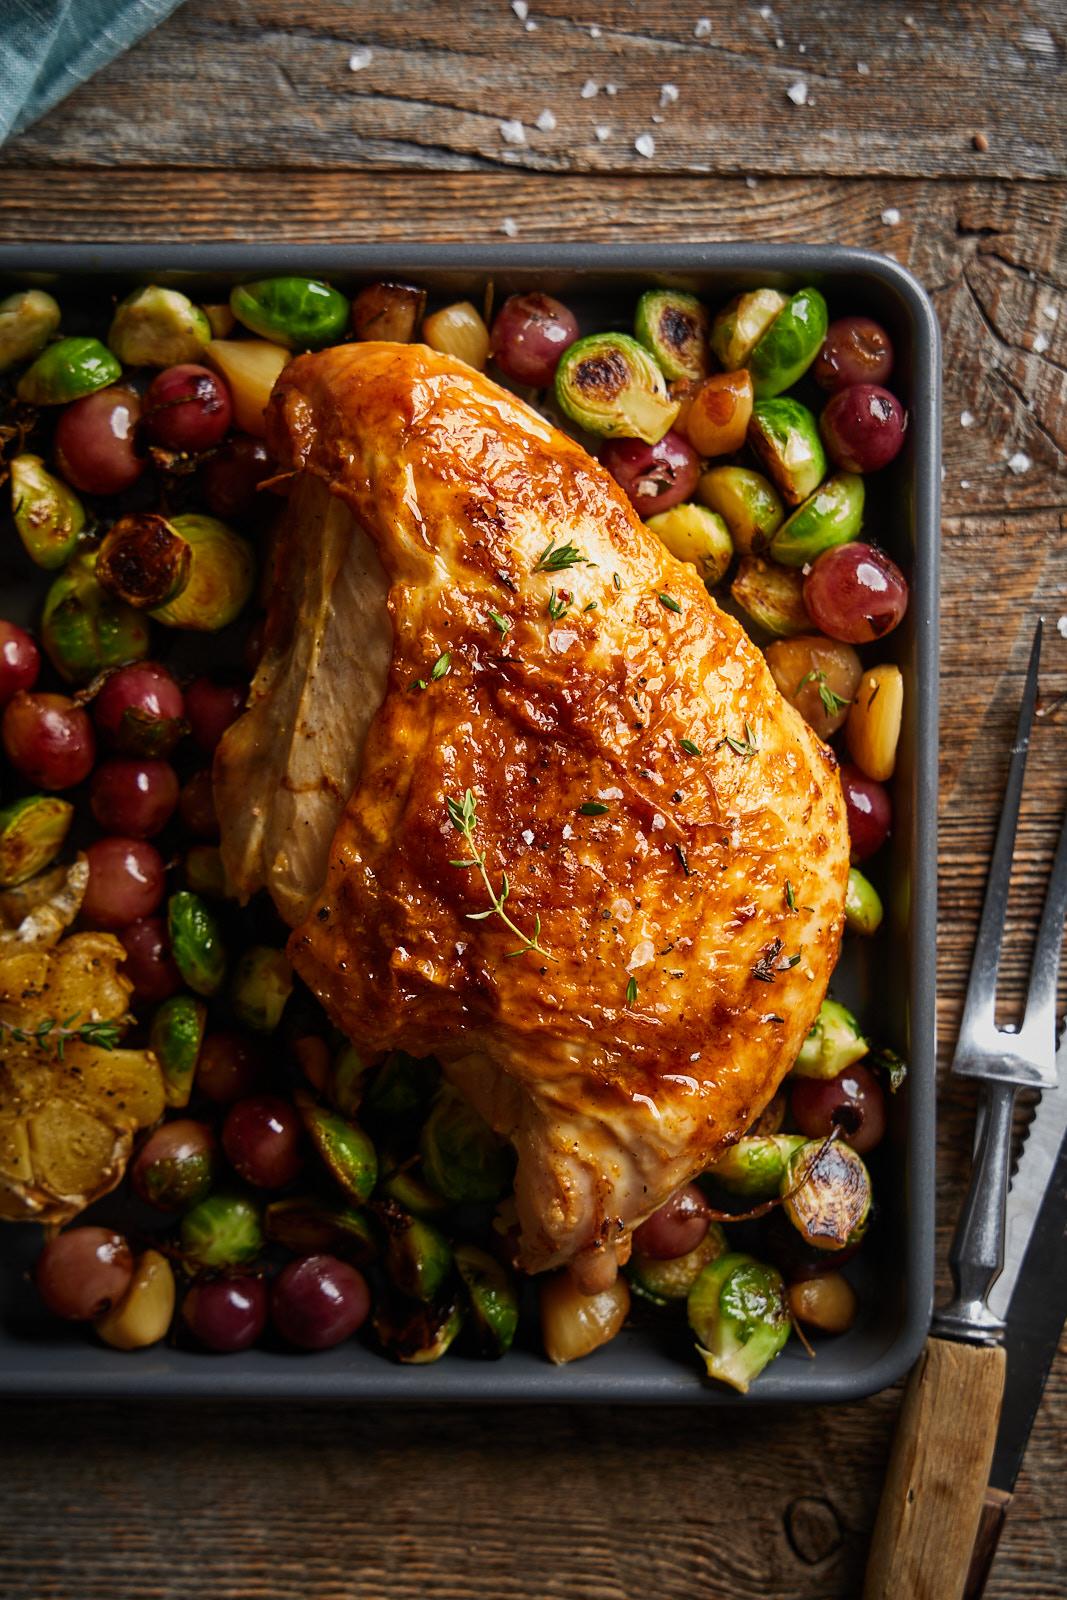 Juicy Simple Roasted Turkey Breast